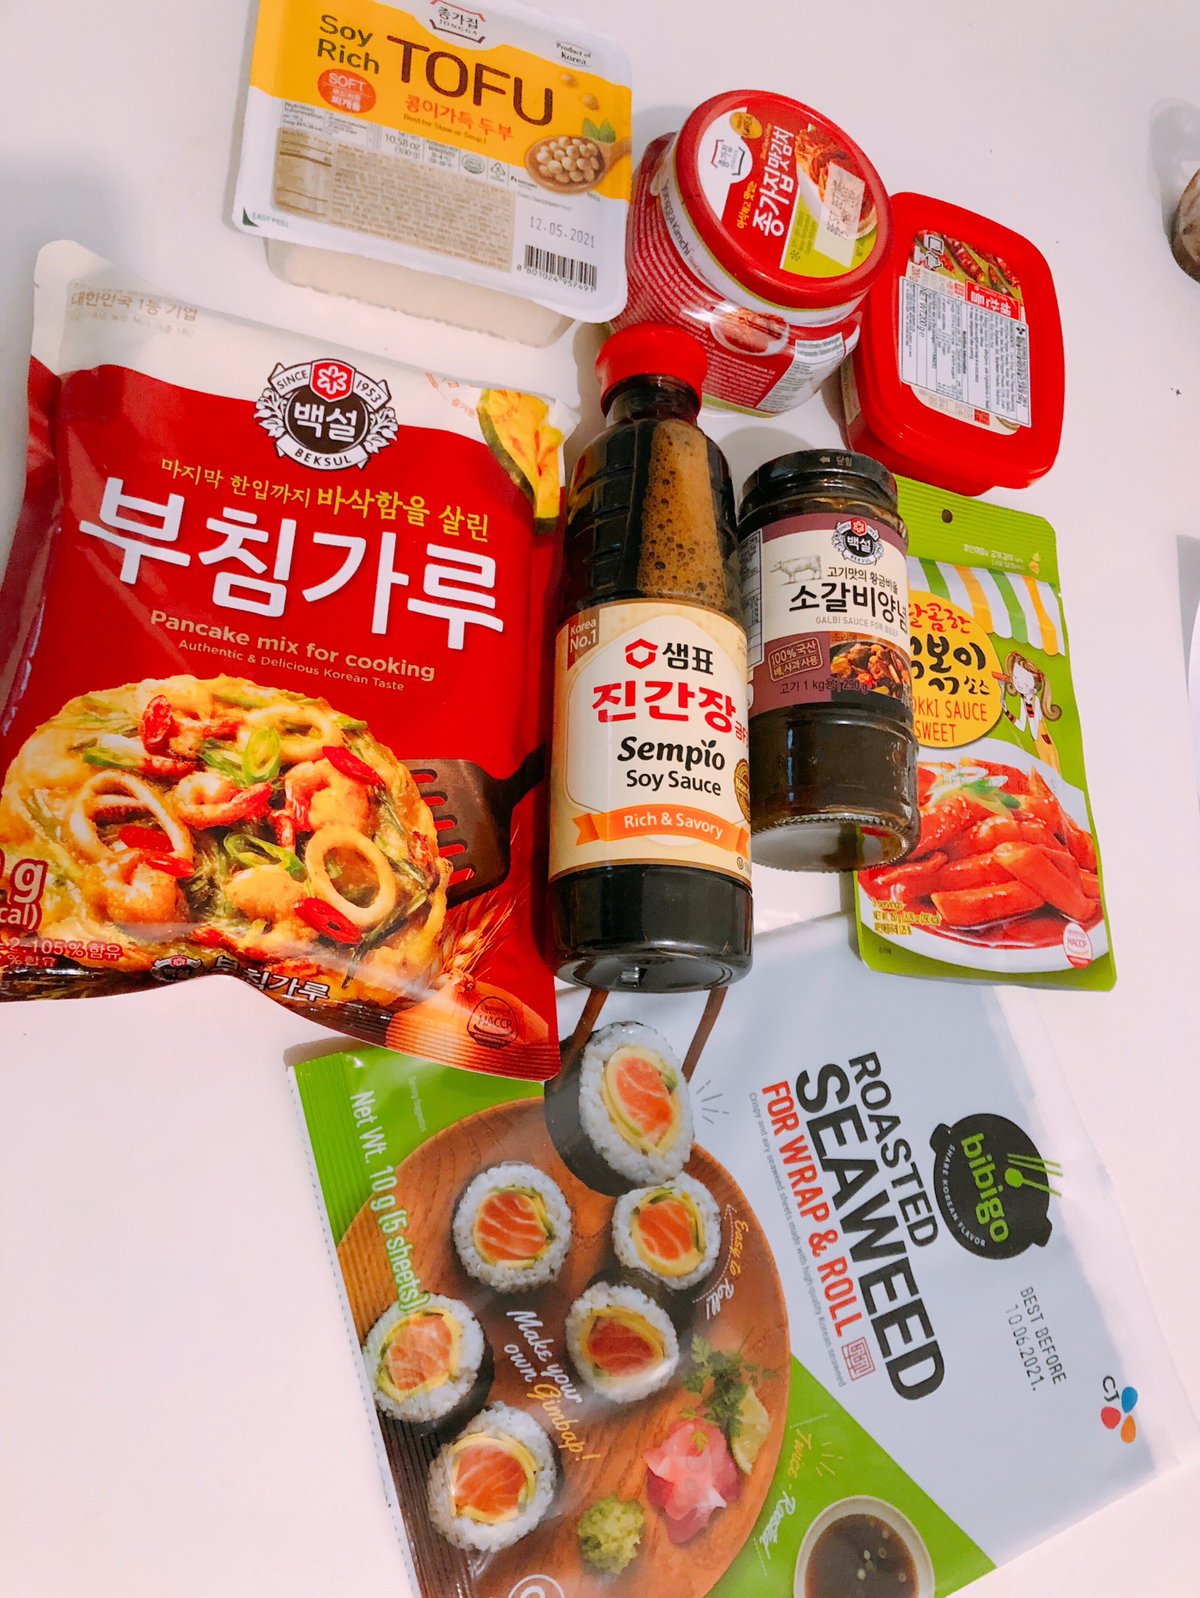 🌸🌸🌸懒宝宝福音:五分钟就能搞定的韩式美味🌸🌸🌸